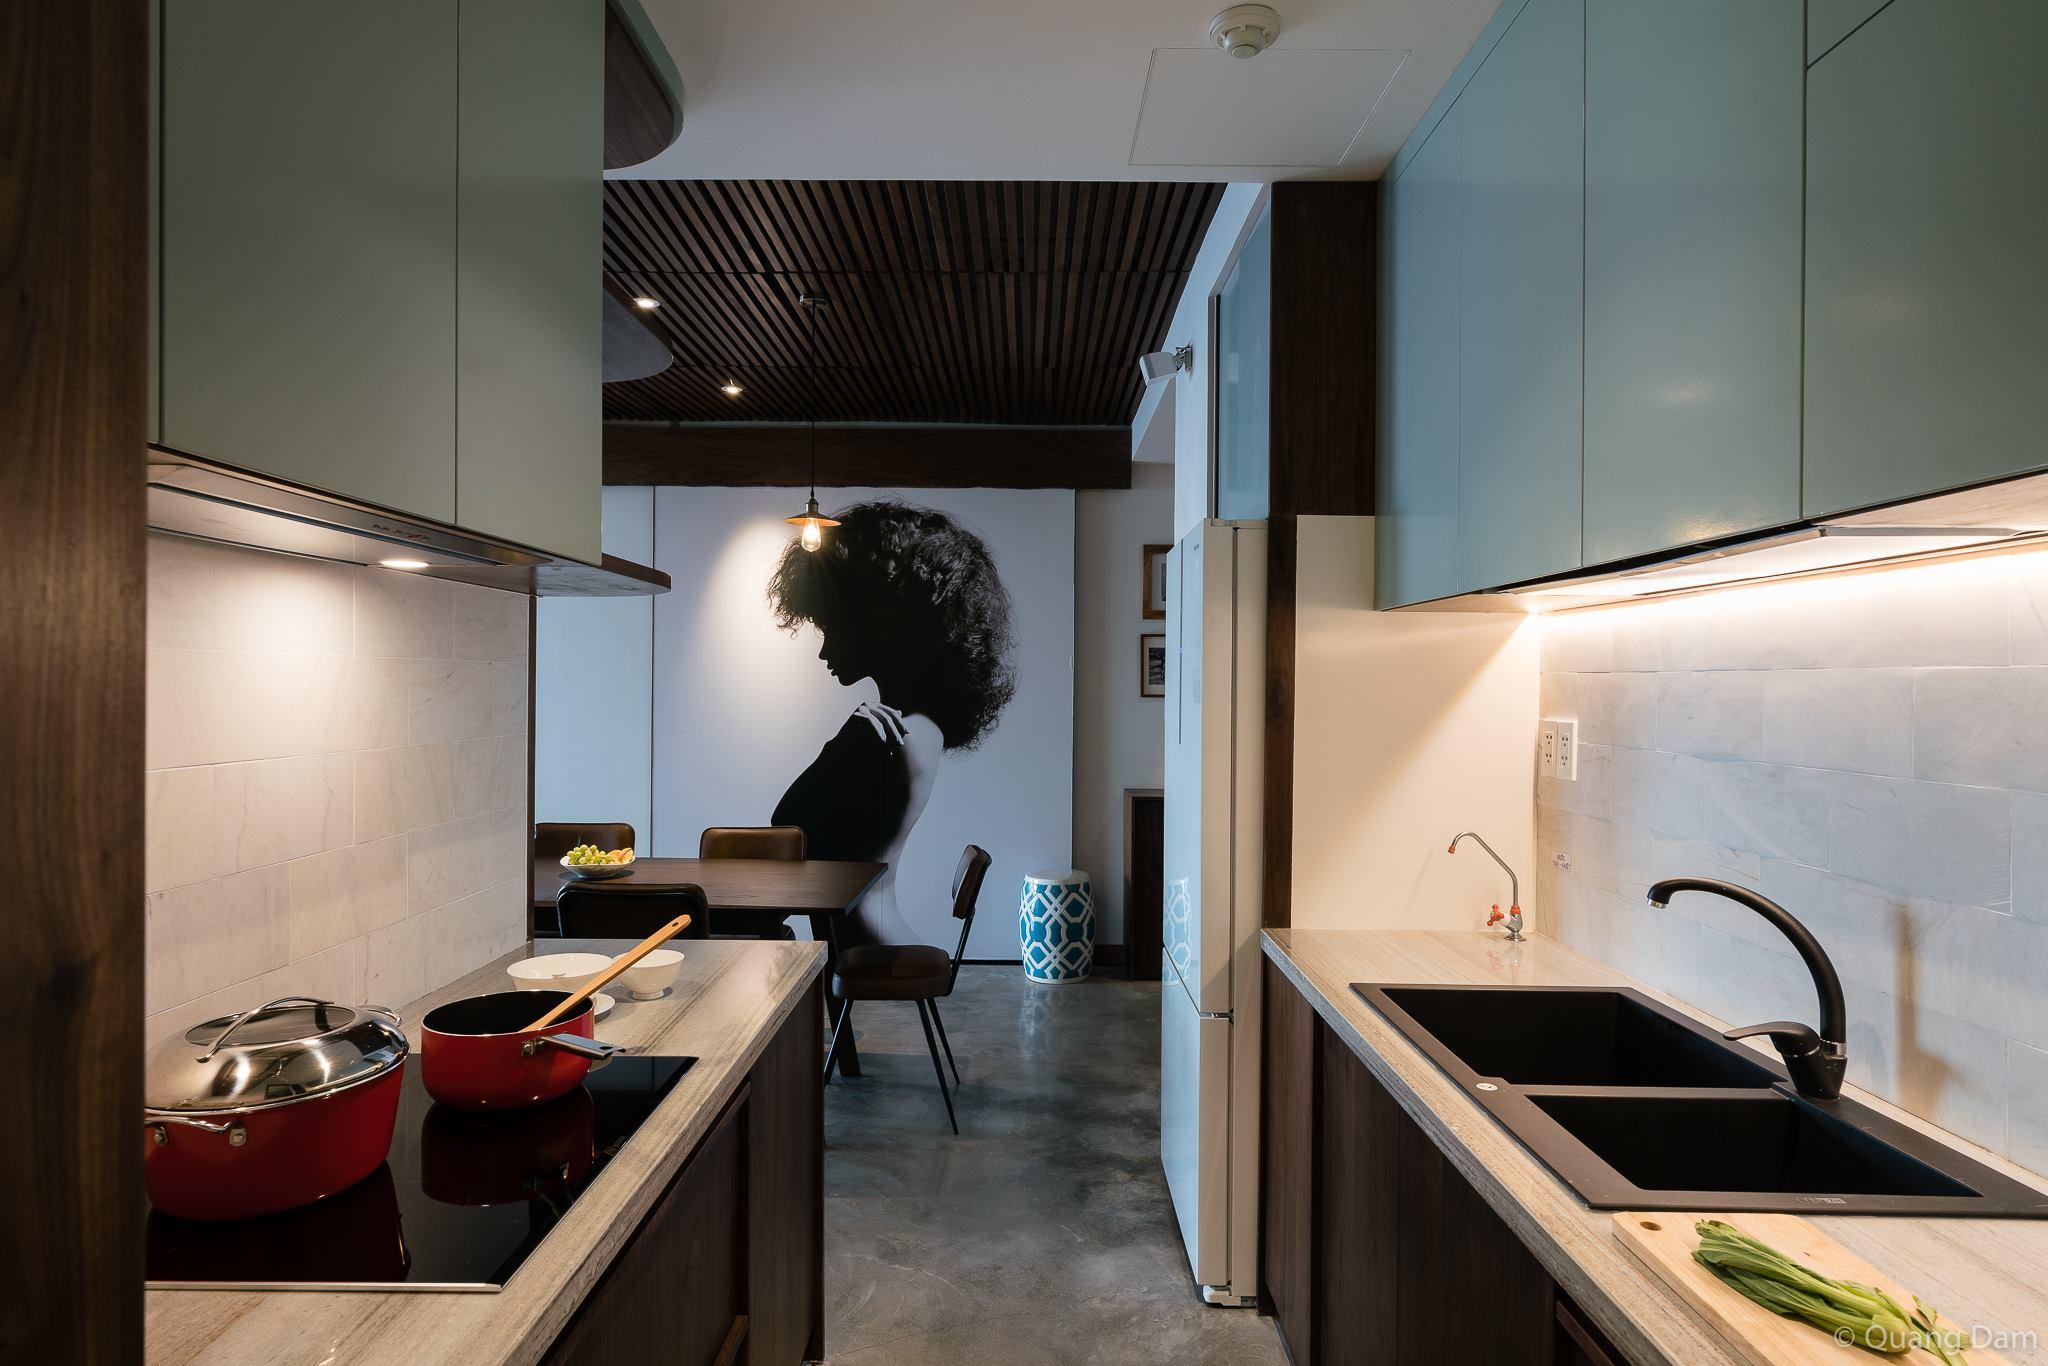 Nội thất căn hộ 1 phòng ngủ với điểm nhấn gỗ và cây xanh - Nhà Đẹp Số (10)